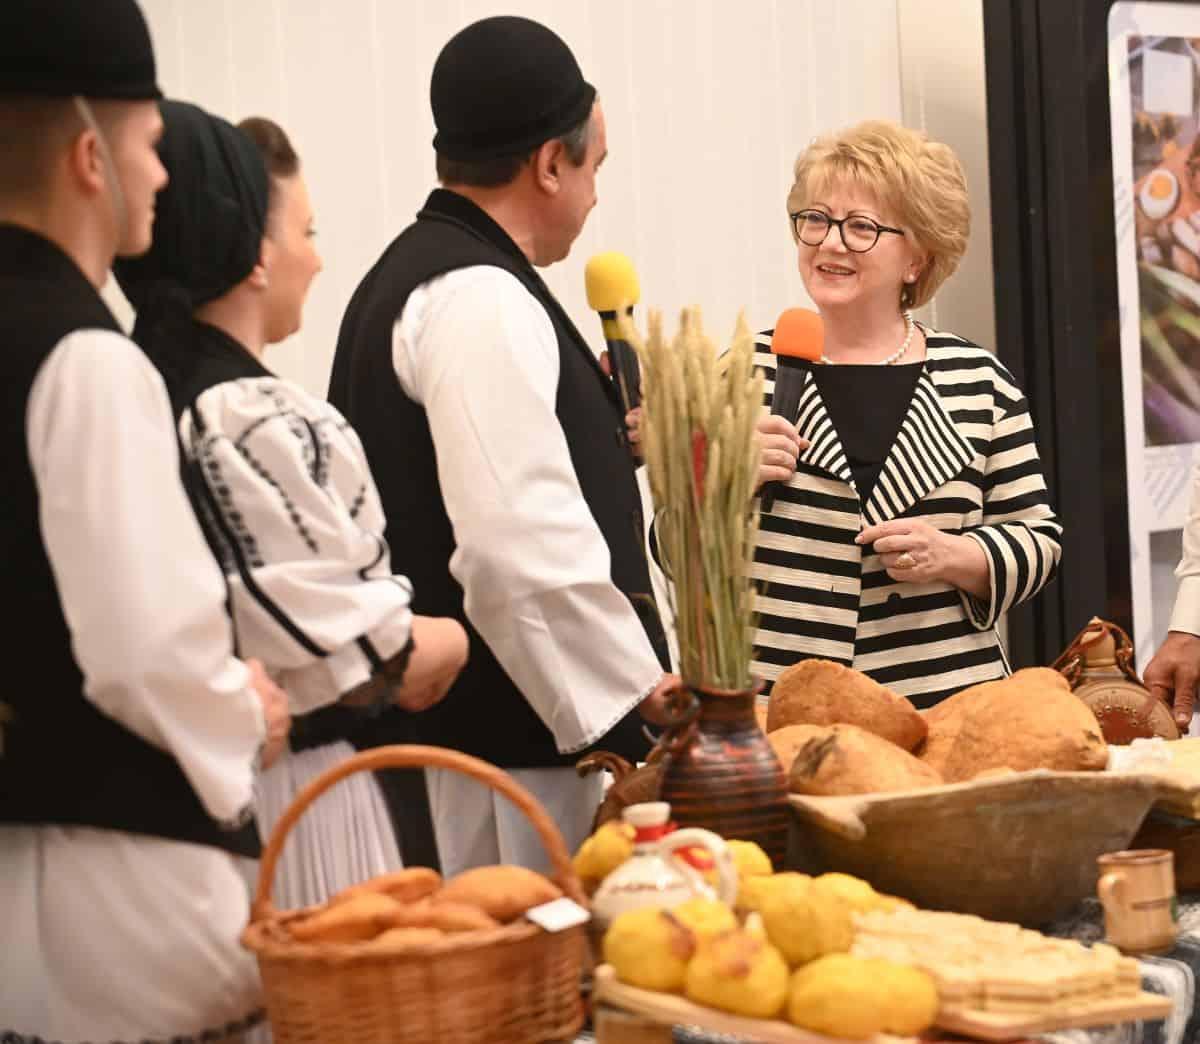 12 Anul trecut Sibiul a fost regiune gastronomica europeana 1 1